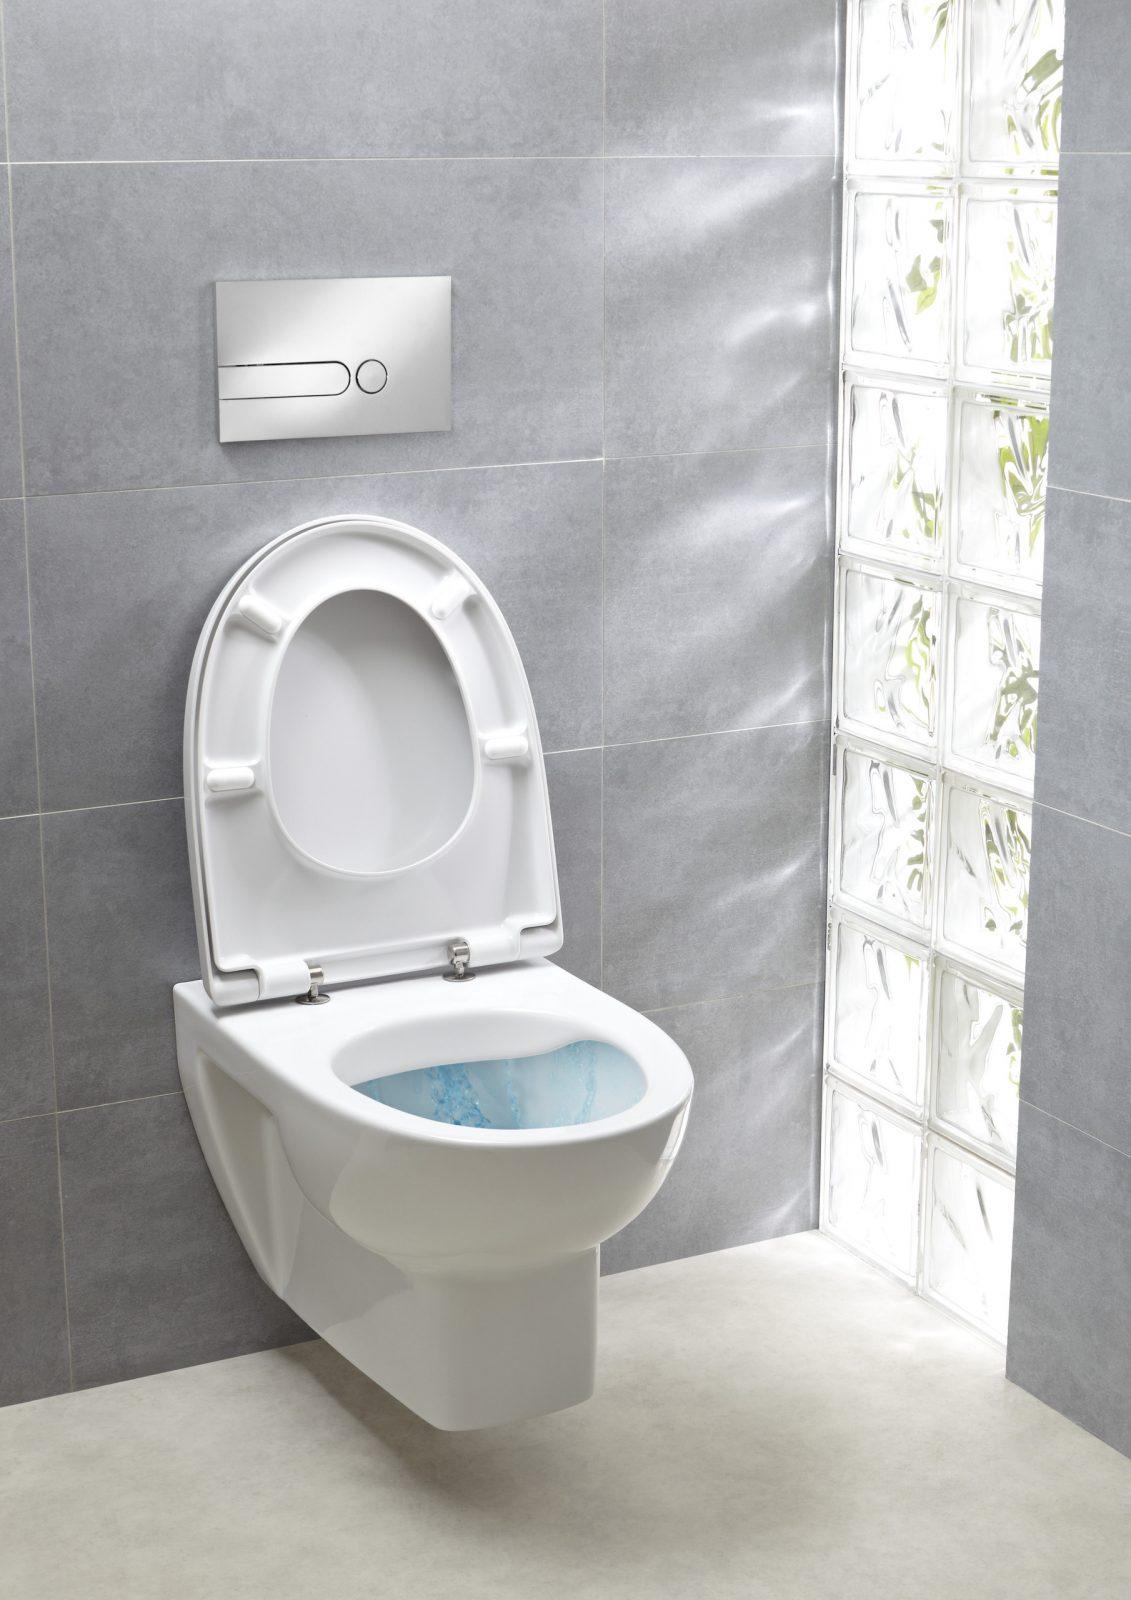 Le WC Bride Ouverte Ou Sans Bride Fiche Produit